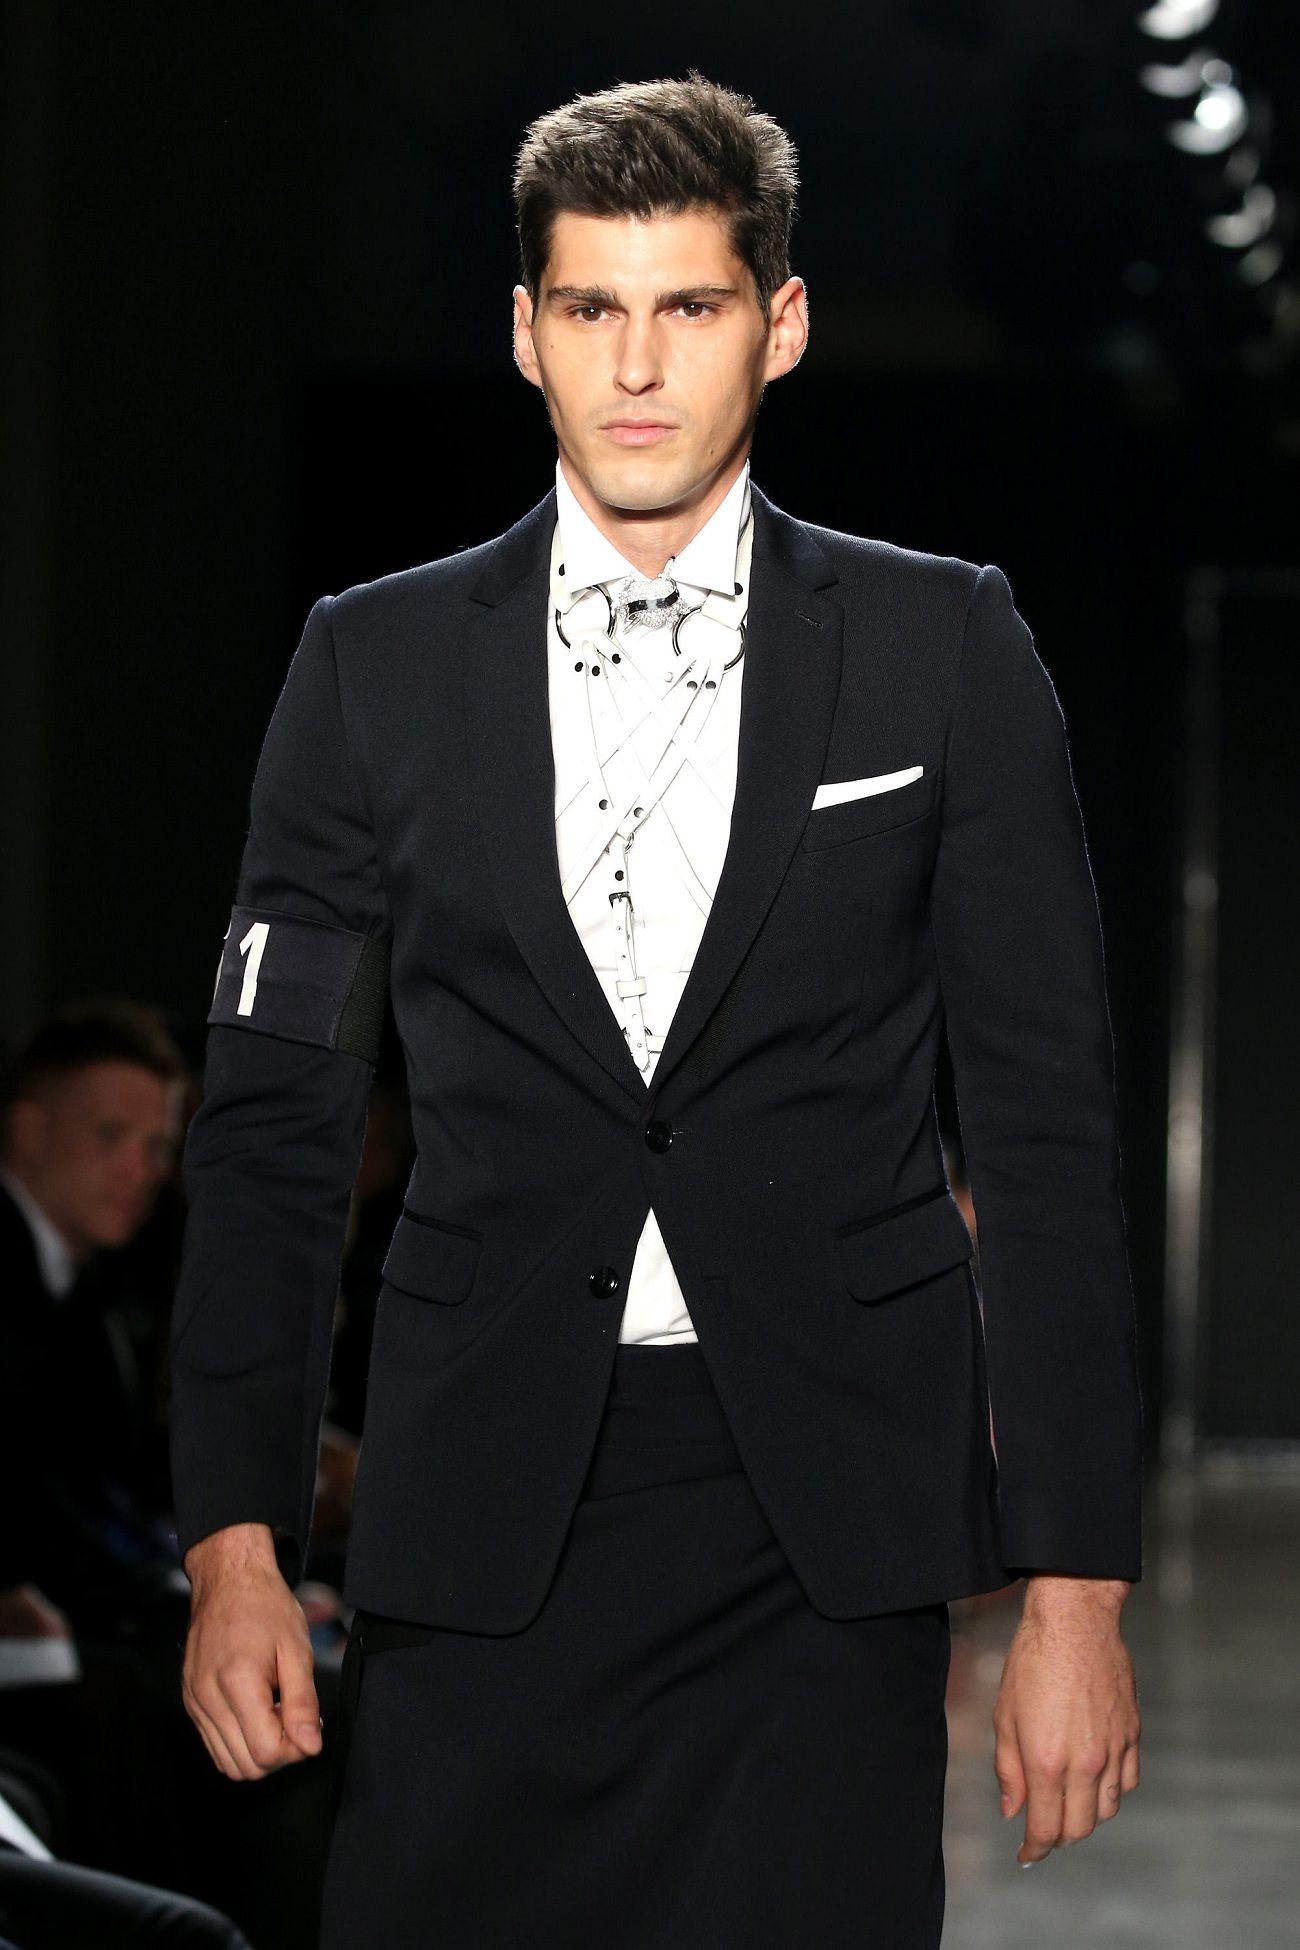 2015 amfAR Inspiration Gala New York Fashion Show - D.P.